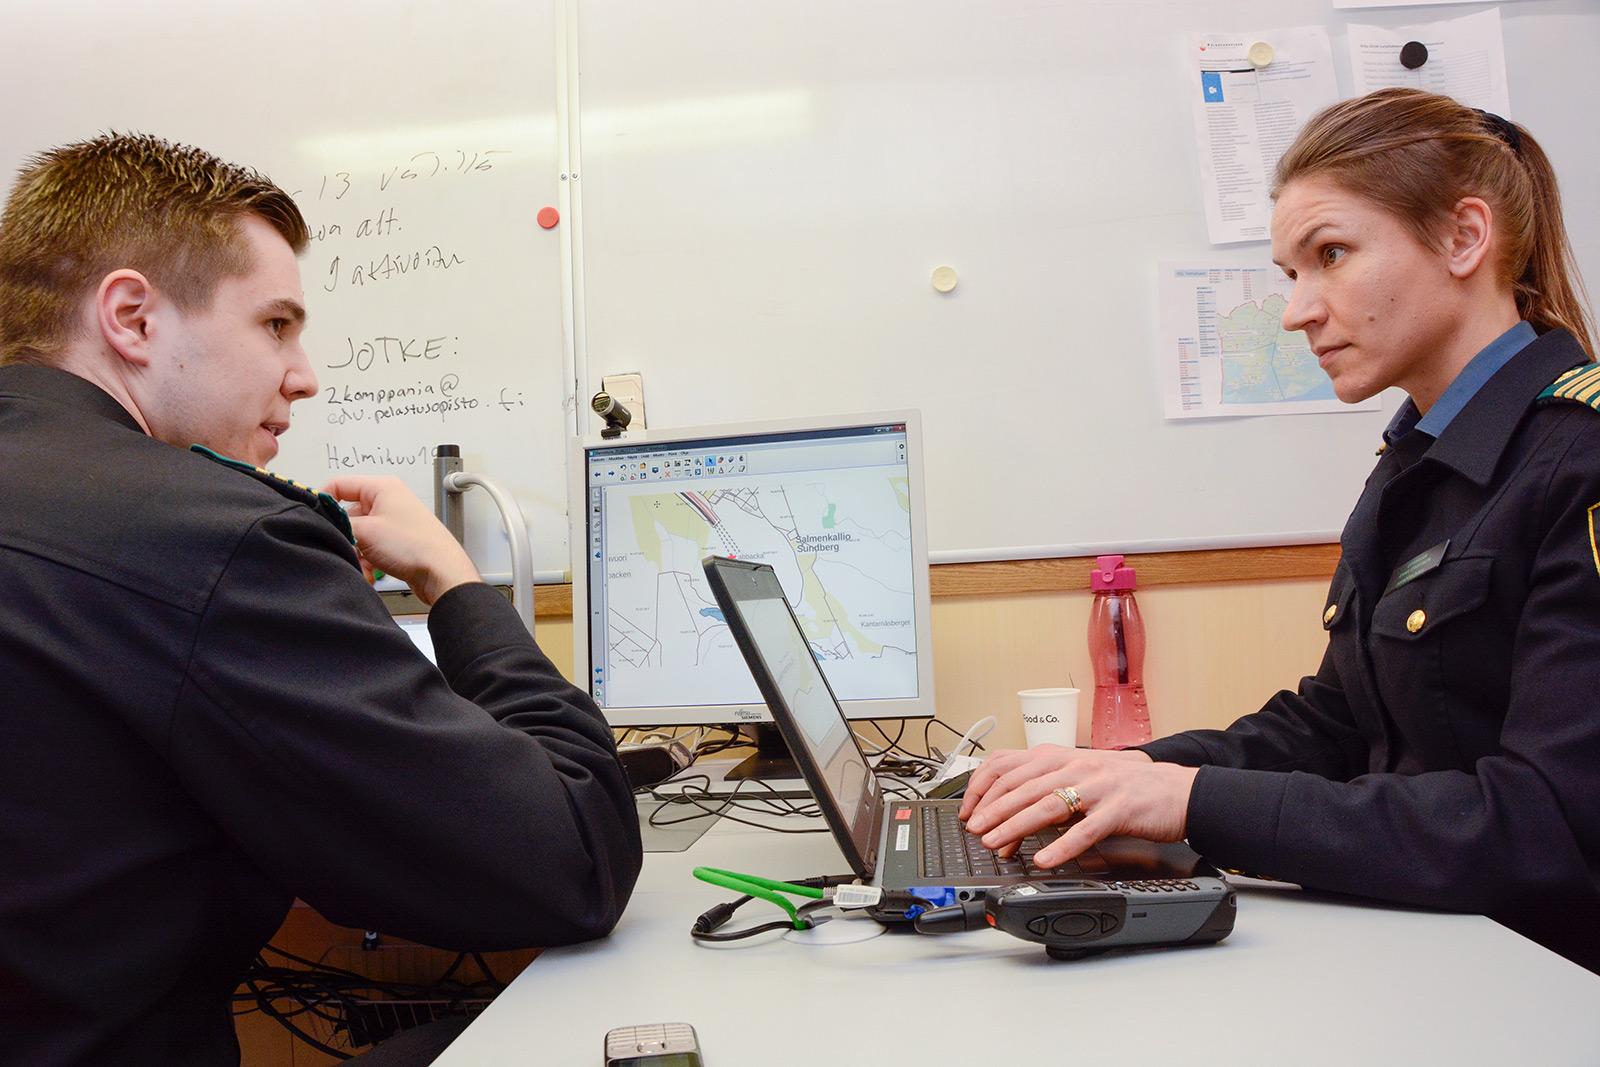 Päällystöopiskelijat Juuso Hagqvist ja Anna Eskelinen hoitivat suurta tieliikenneonnettomuutta 2. komppanian esikunnassa. He toimivat tilanne- ja operaatiopäällikkönä sekä pelastustoiminnan johtajana.